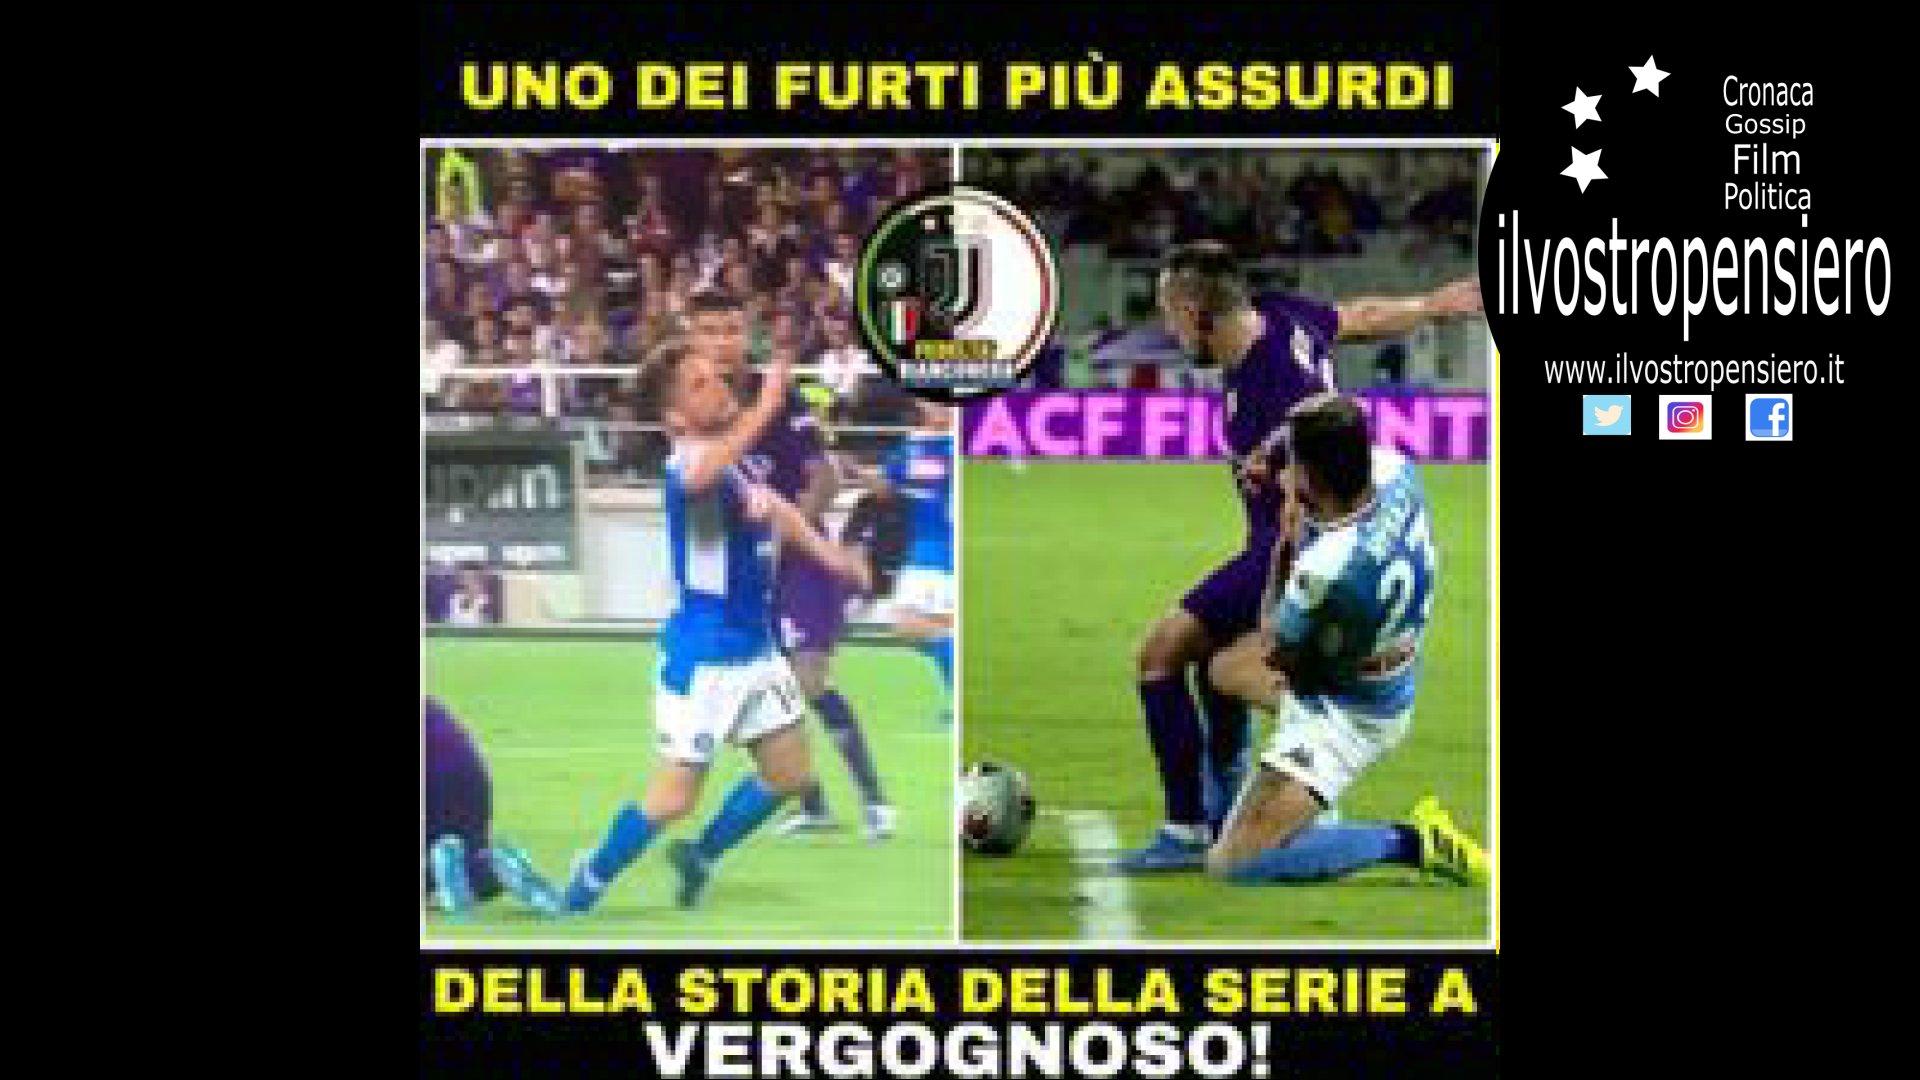 Serie A: Napoli strappa la vittoria alla Fiorentina con un rigore che per tanti tifosi viola non c'era